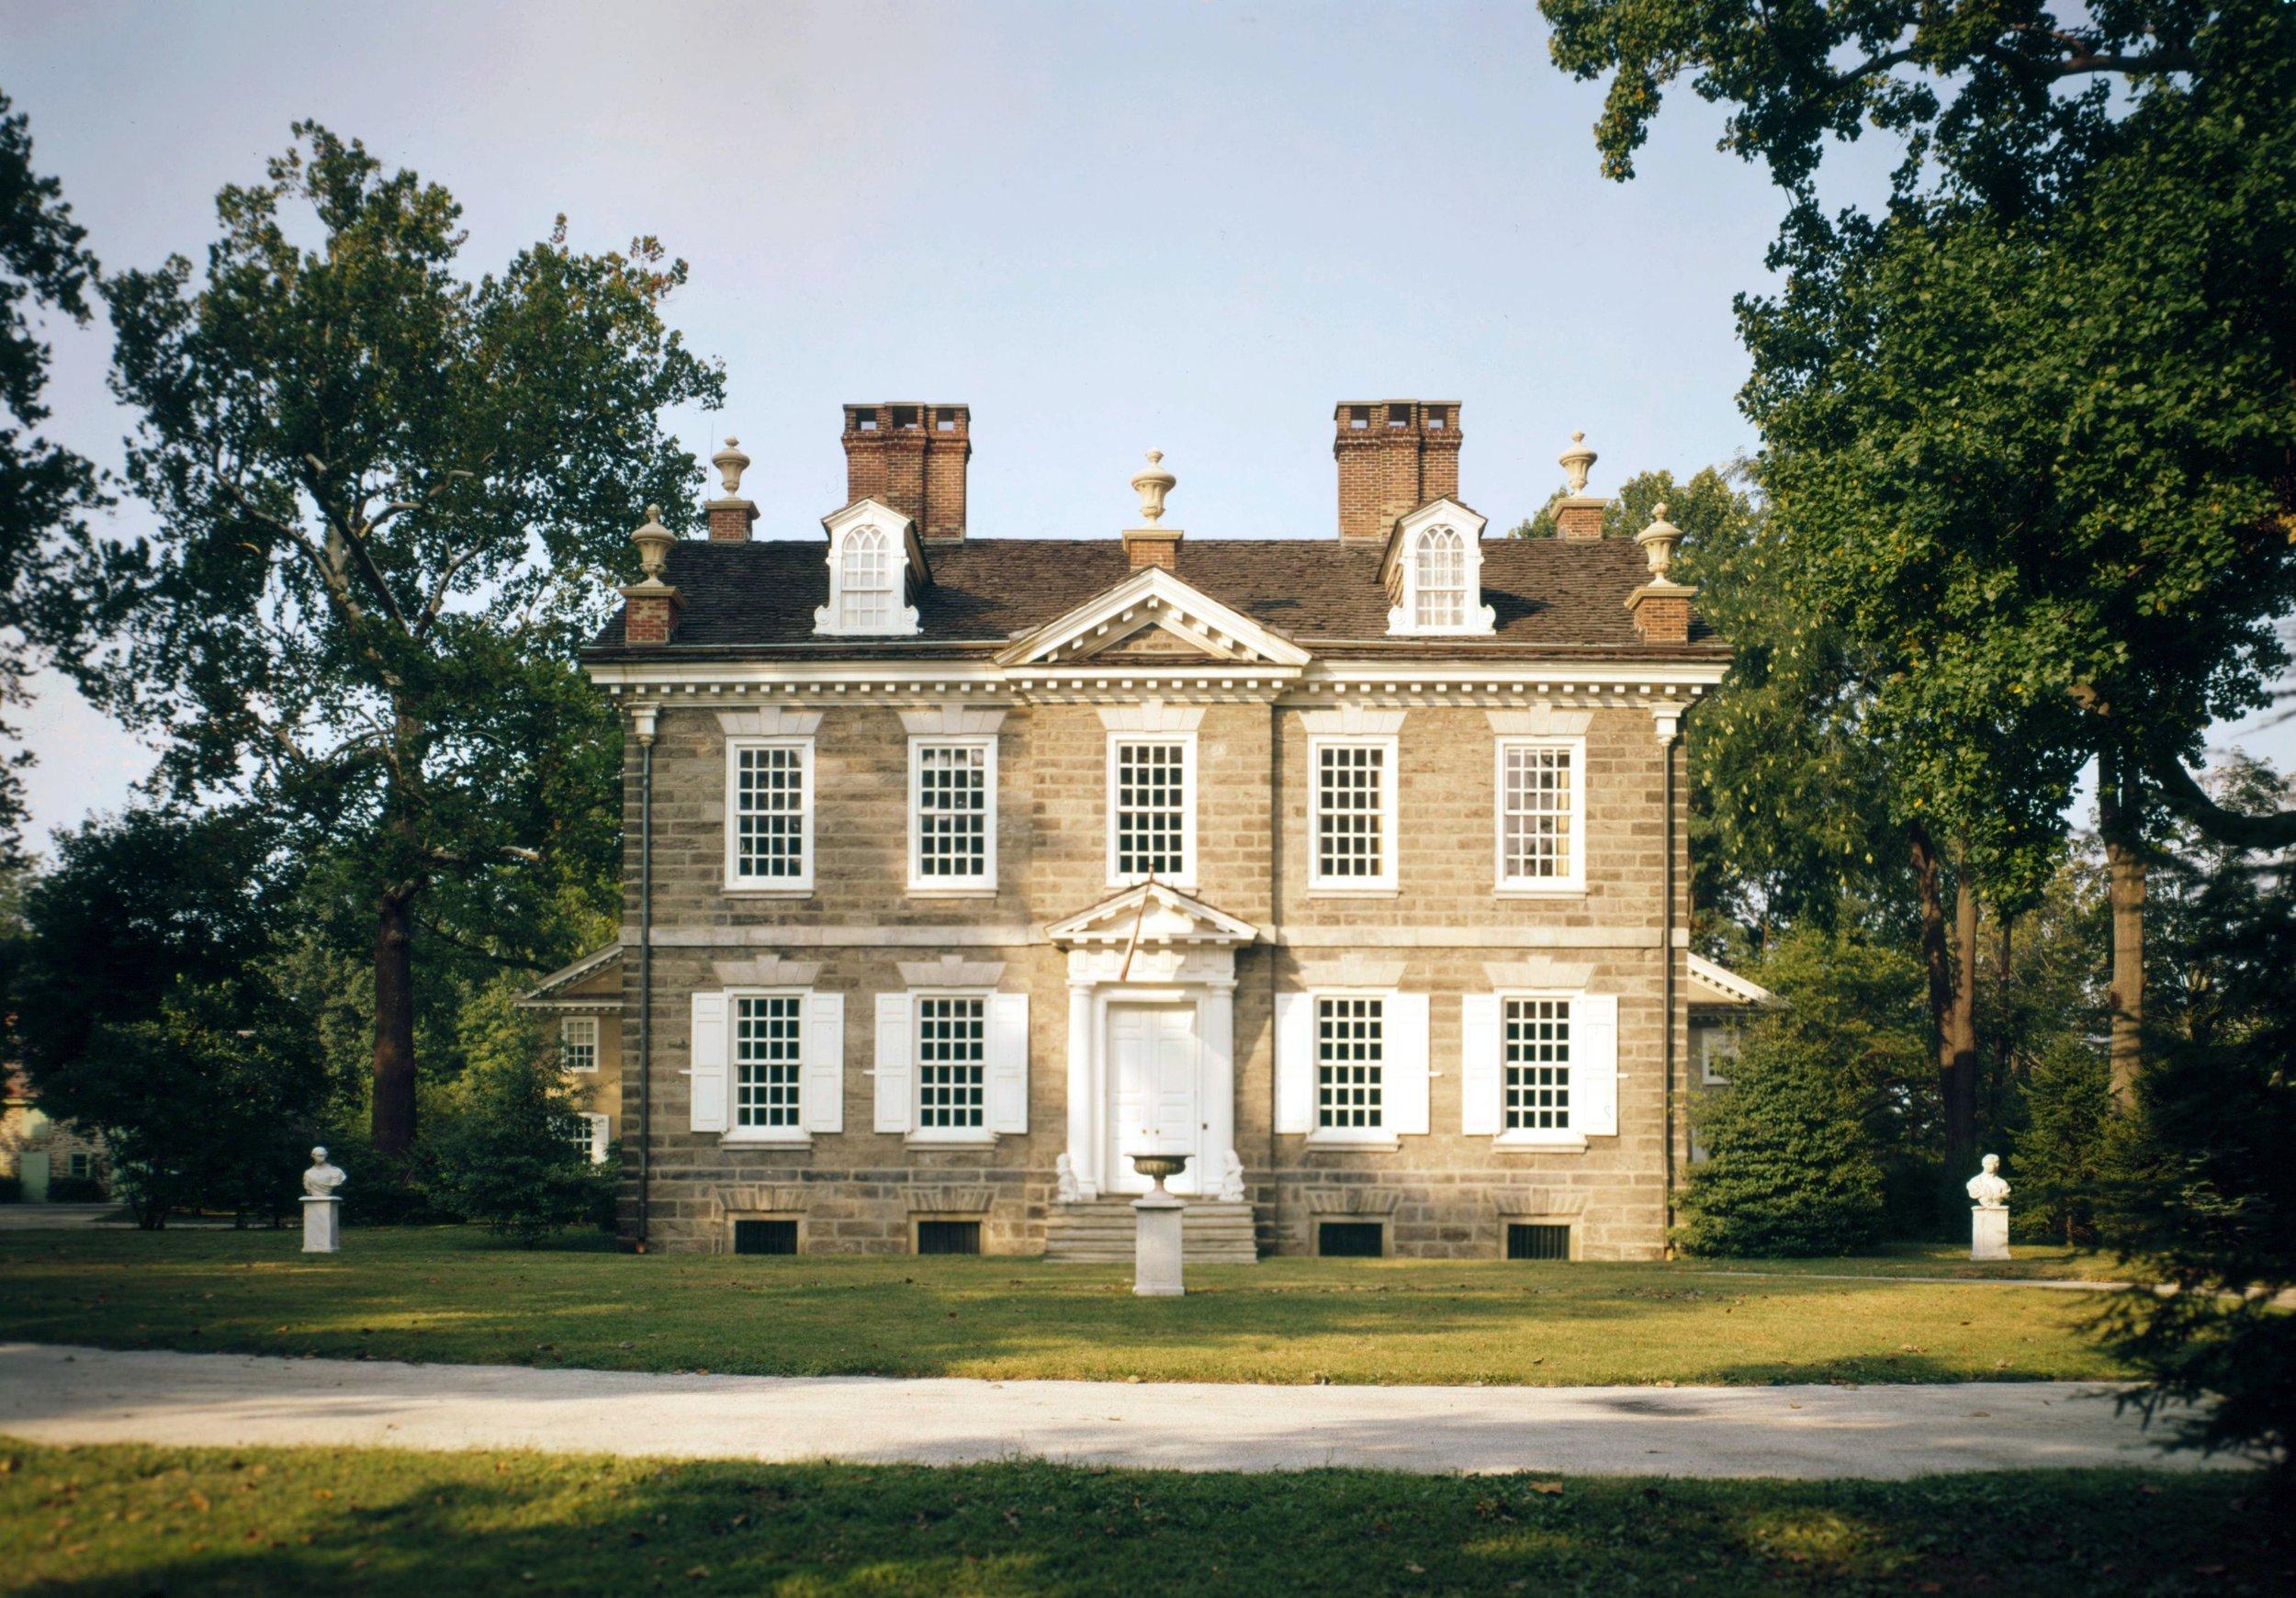 Cliveden_Mansion,_Philadelphia,_HABS_PA-1184-88.jpg